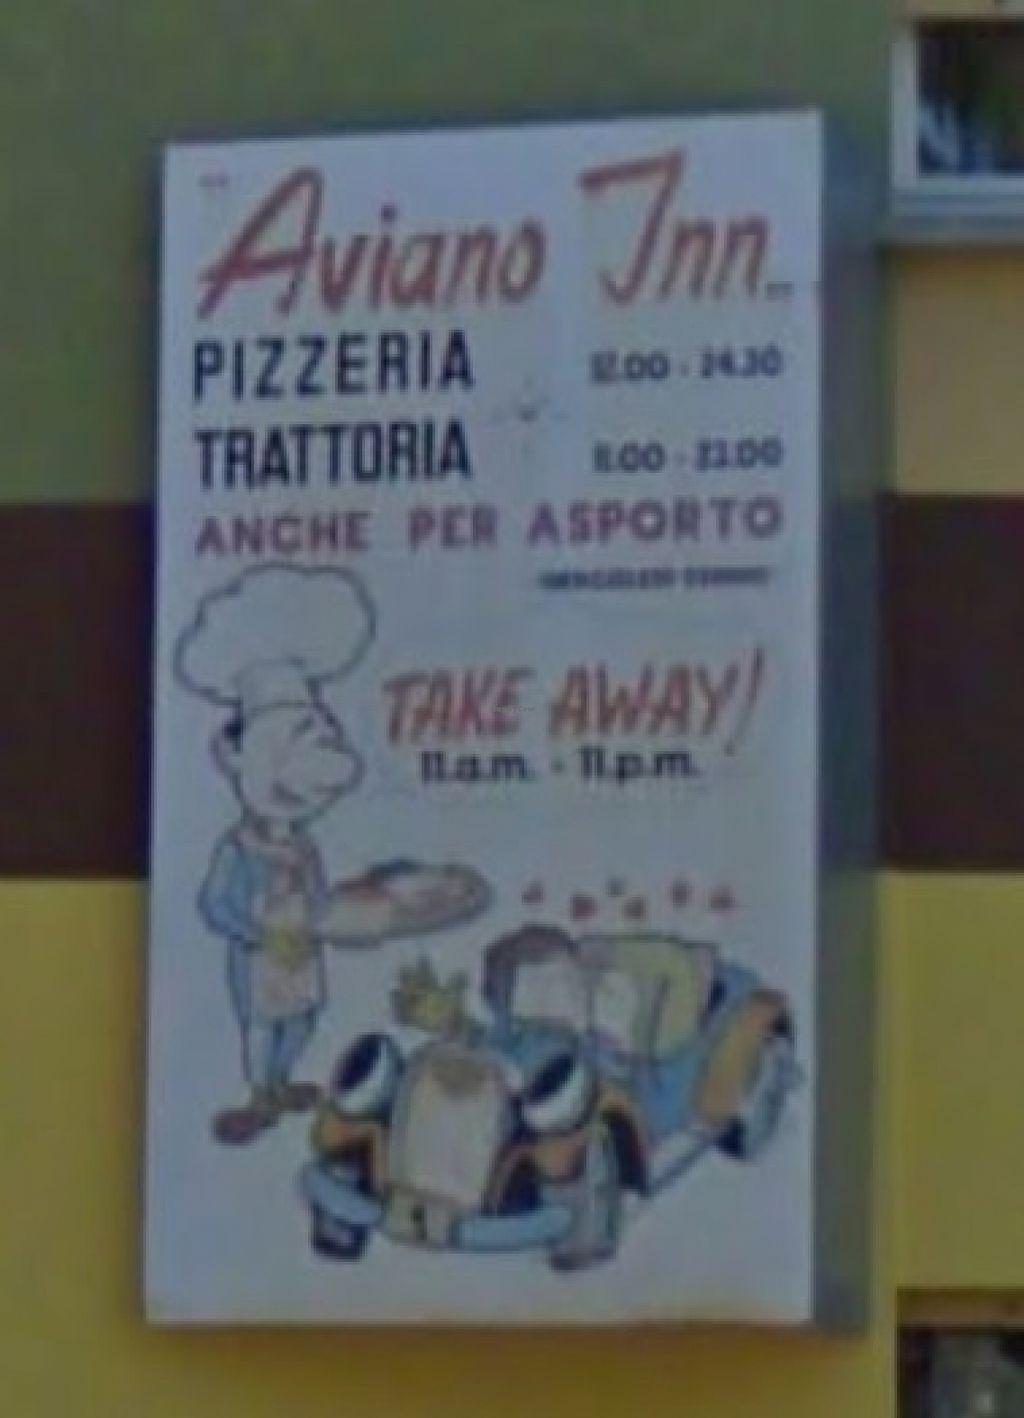 """Photo of Aviano Inn Trattoria-Pizzeria  by <a href=""""/members/profile/veg-geko"""">veg-geko</a> <br/>Trattoria-pizzeria Aviano Inn <br/> August 6, 2015  - <a href='/contact/abuse/image/61655/112574'>Report</a>"""